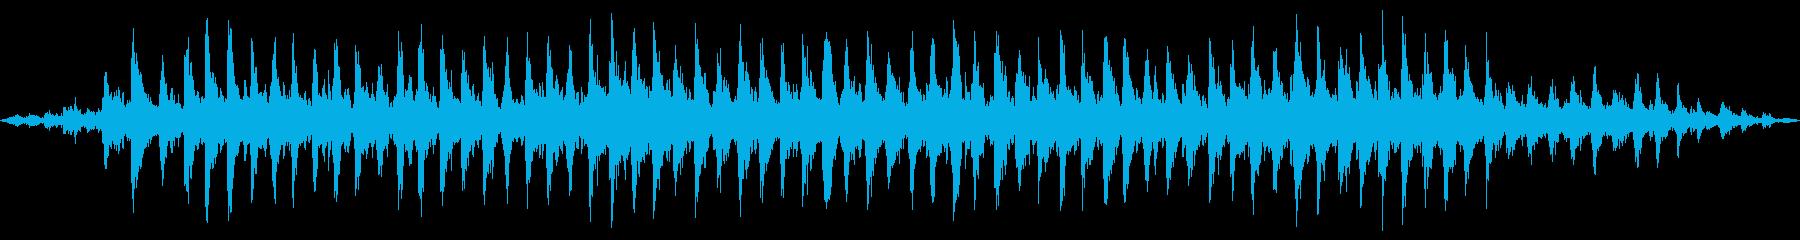 大型のスリーベル:安定した揺れ、フォリーの再生済みの波形